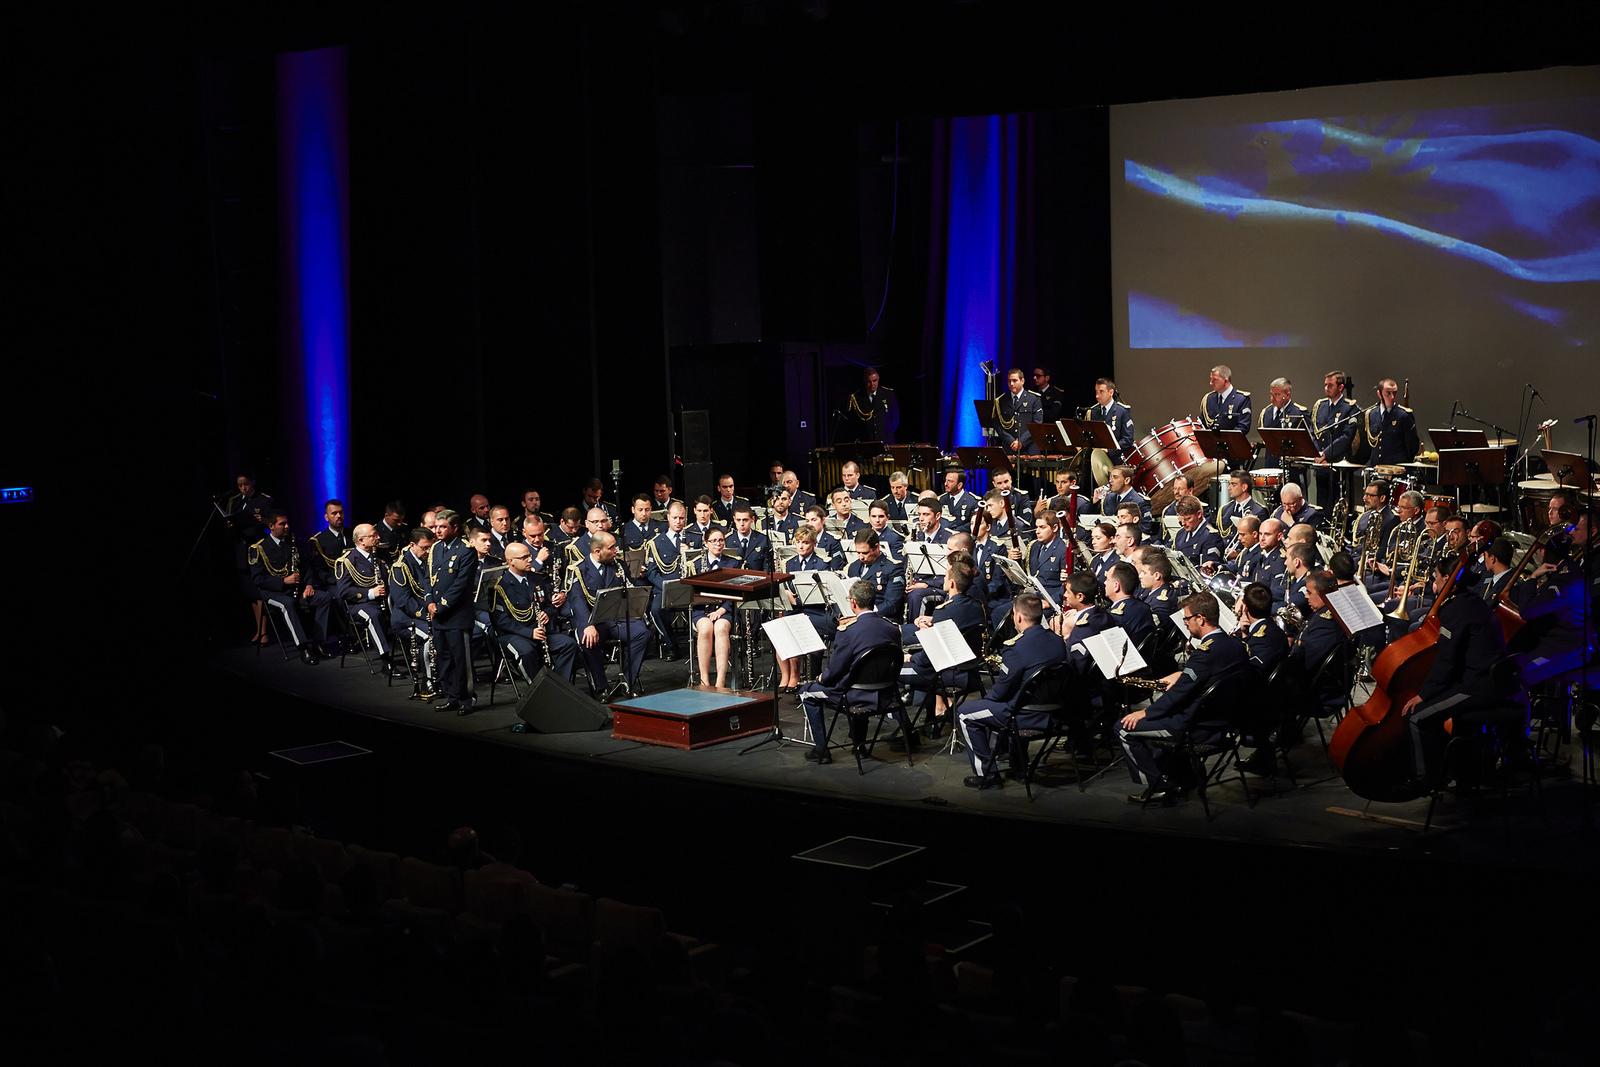 Concerto 64 anos - foto 2 Forca Aerea Portuguesa